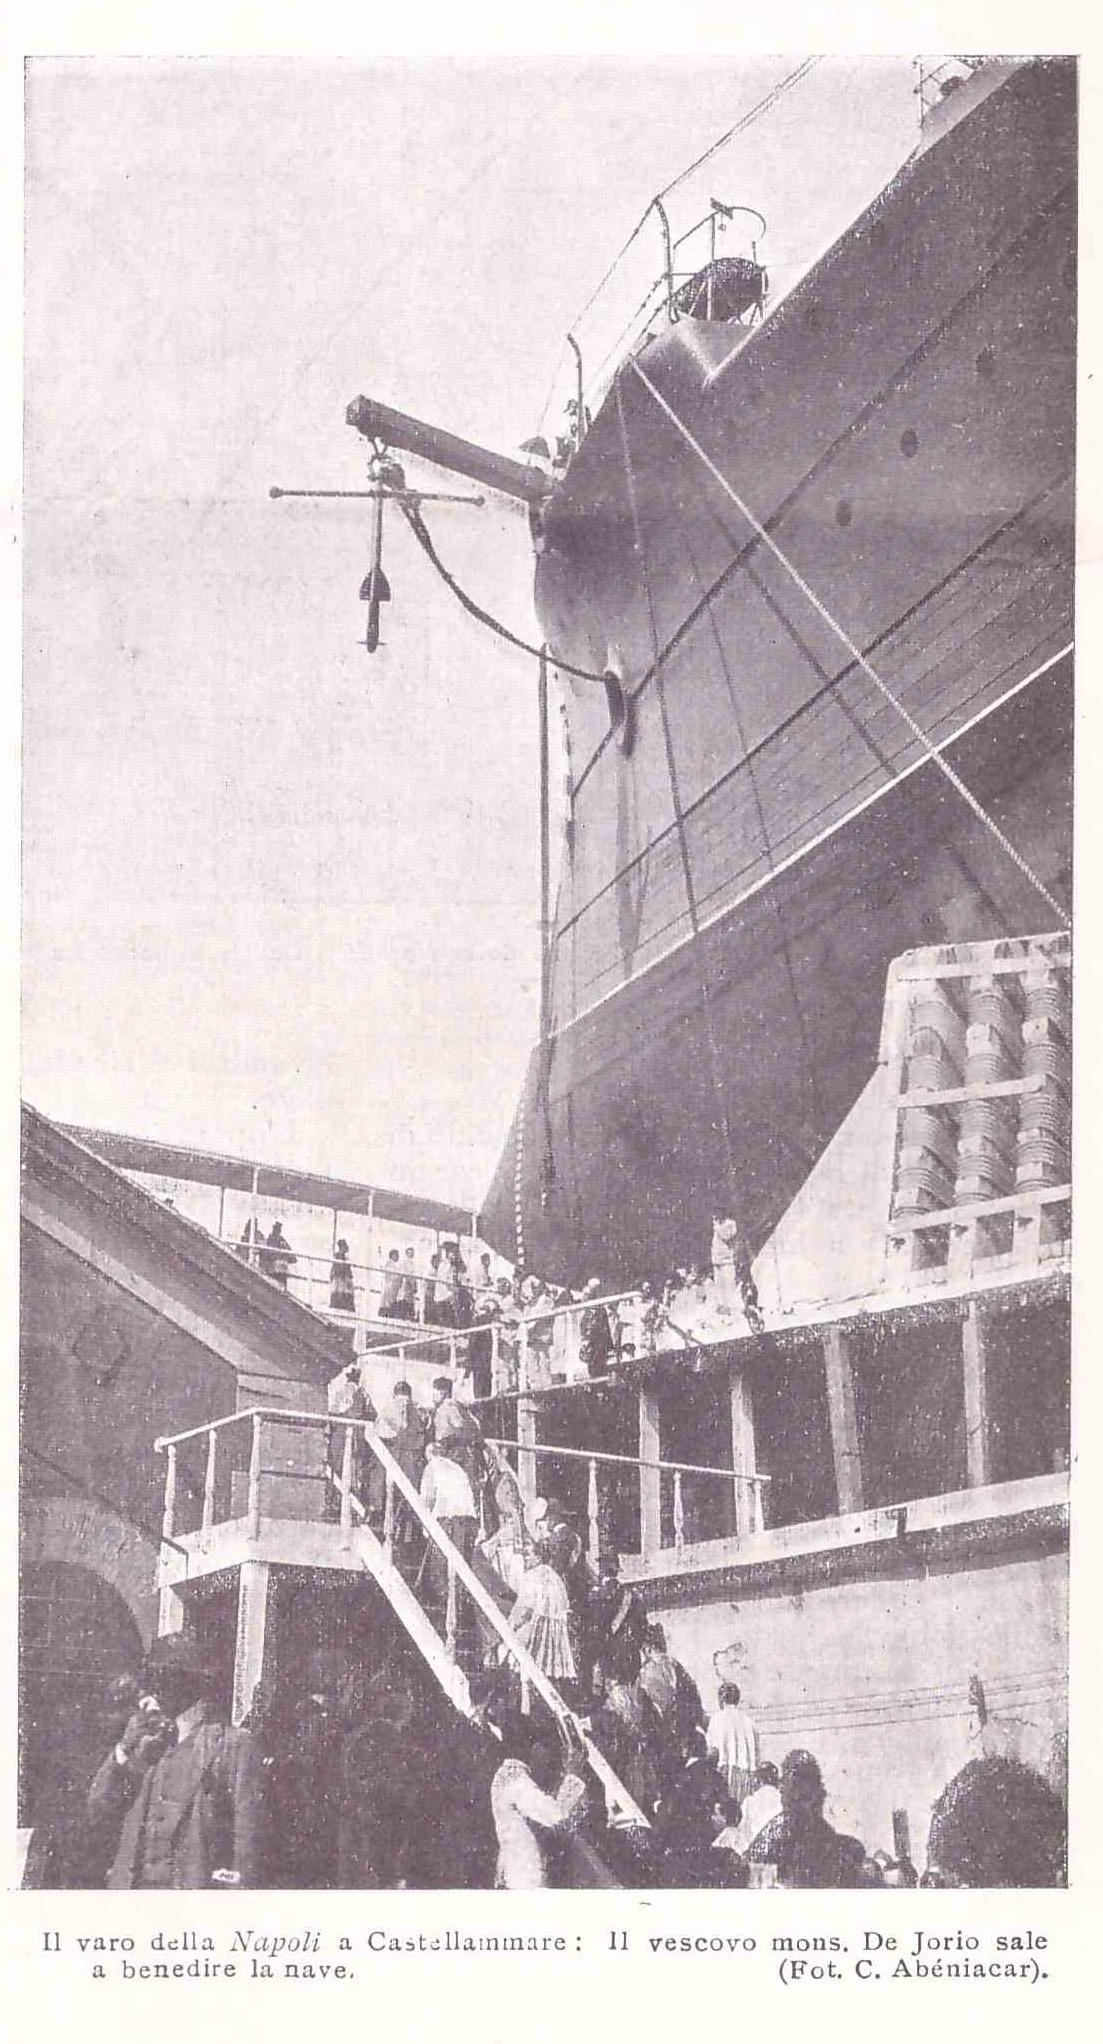 Varo della nave corazzata Napoli a Castellammare